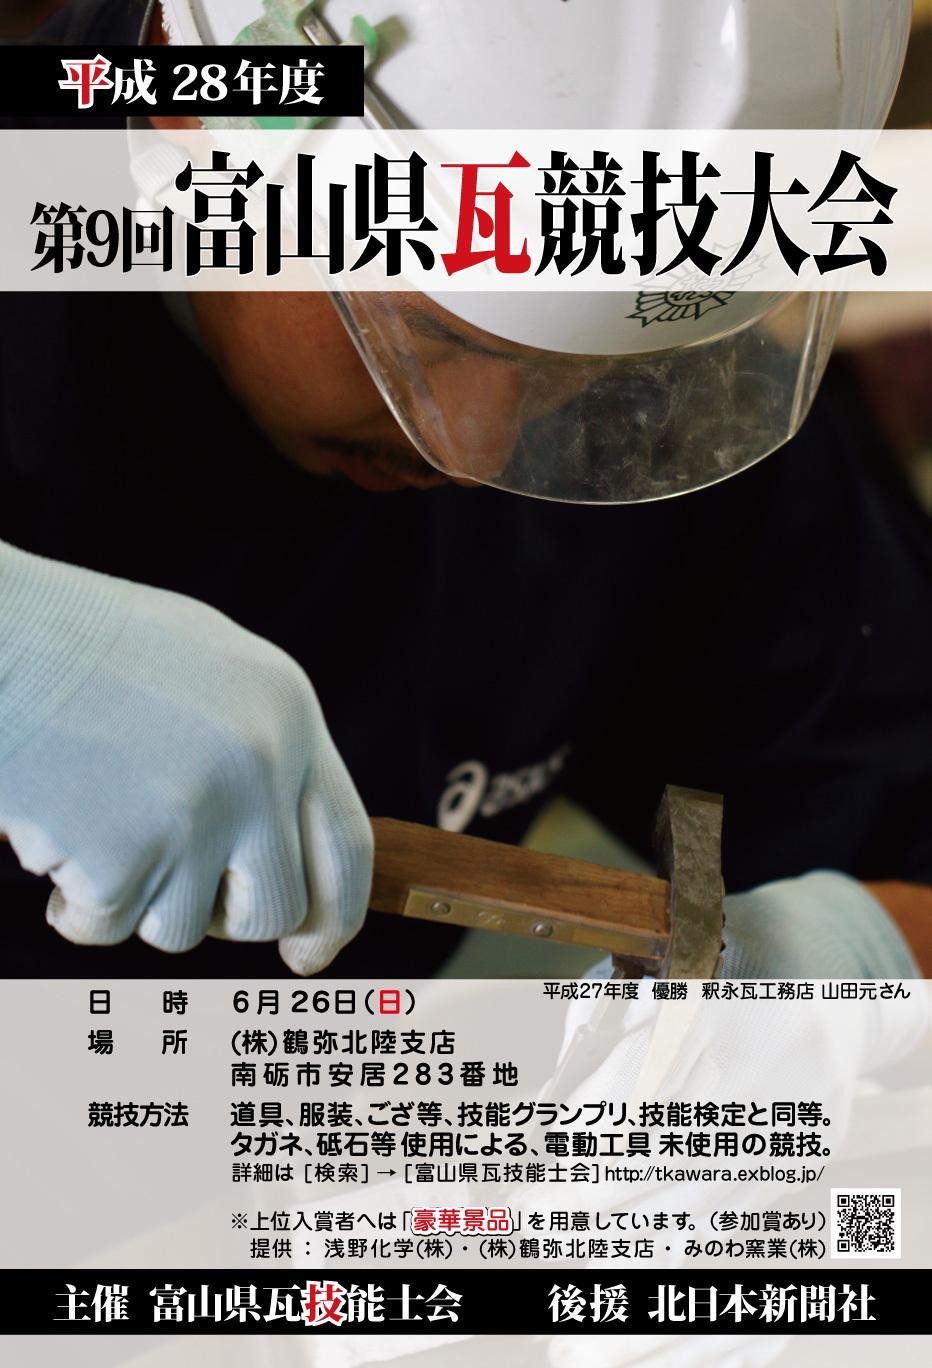 平成28年 富山県瓦競技大会 参加者募集_a0127669_16000442.jpg